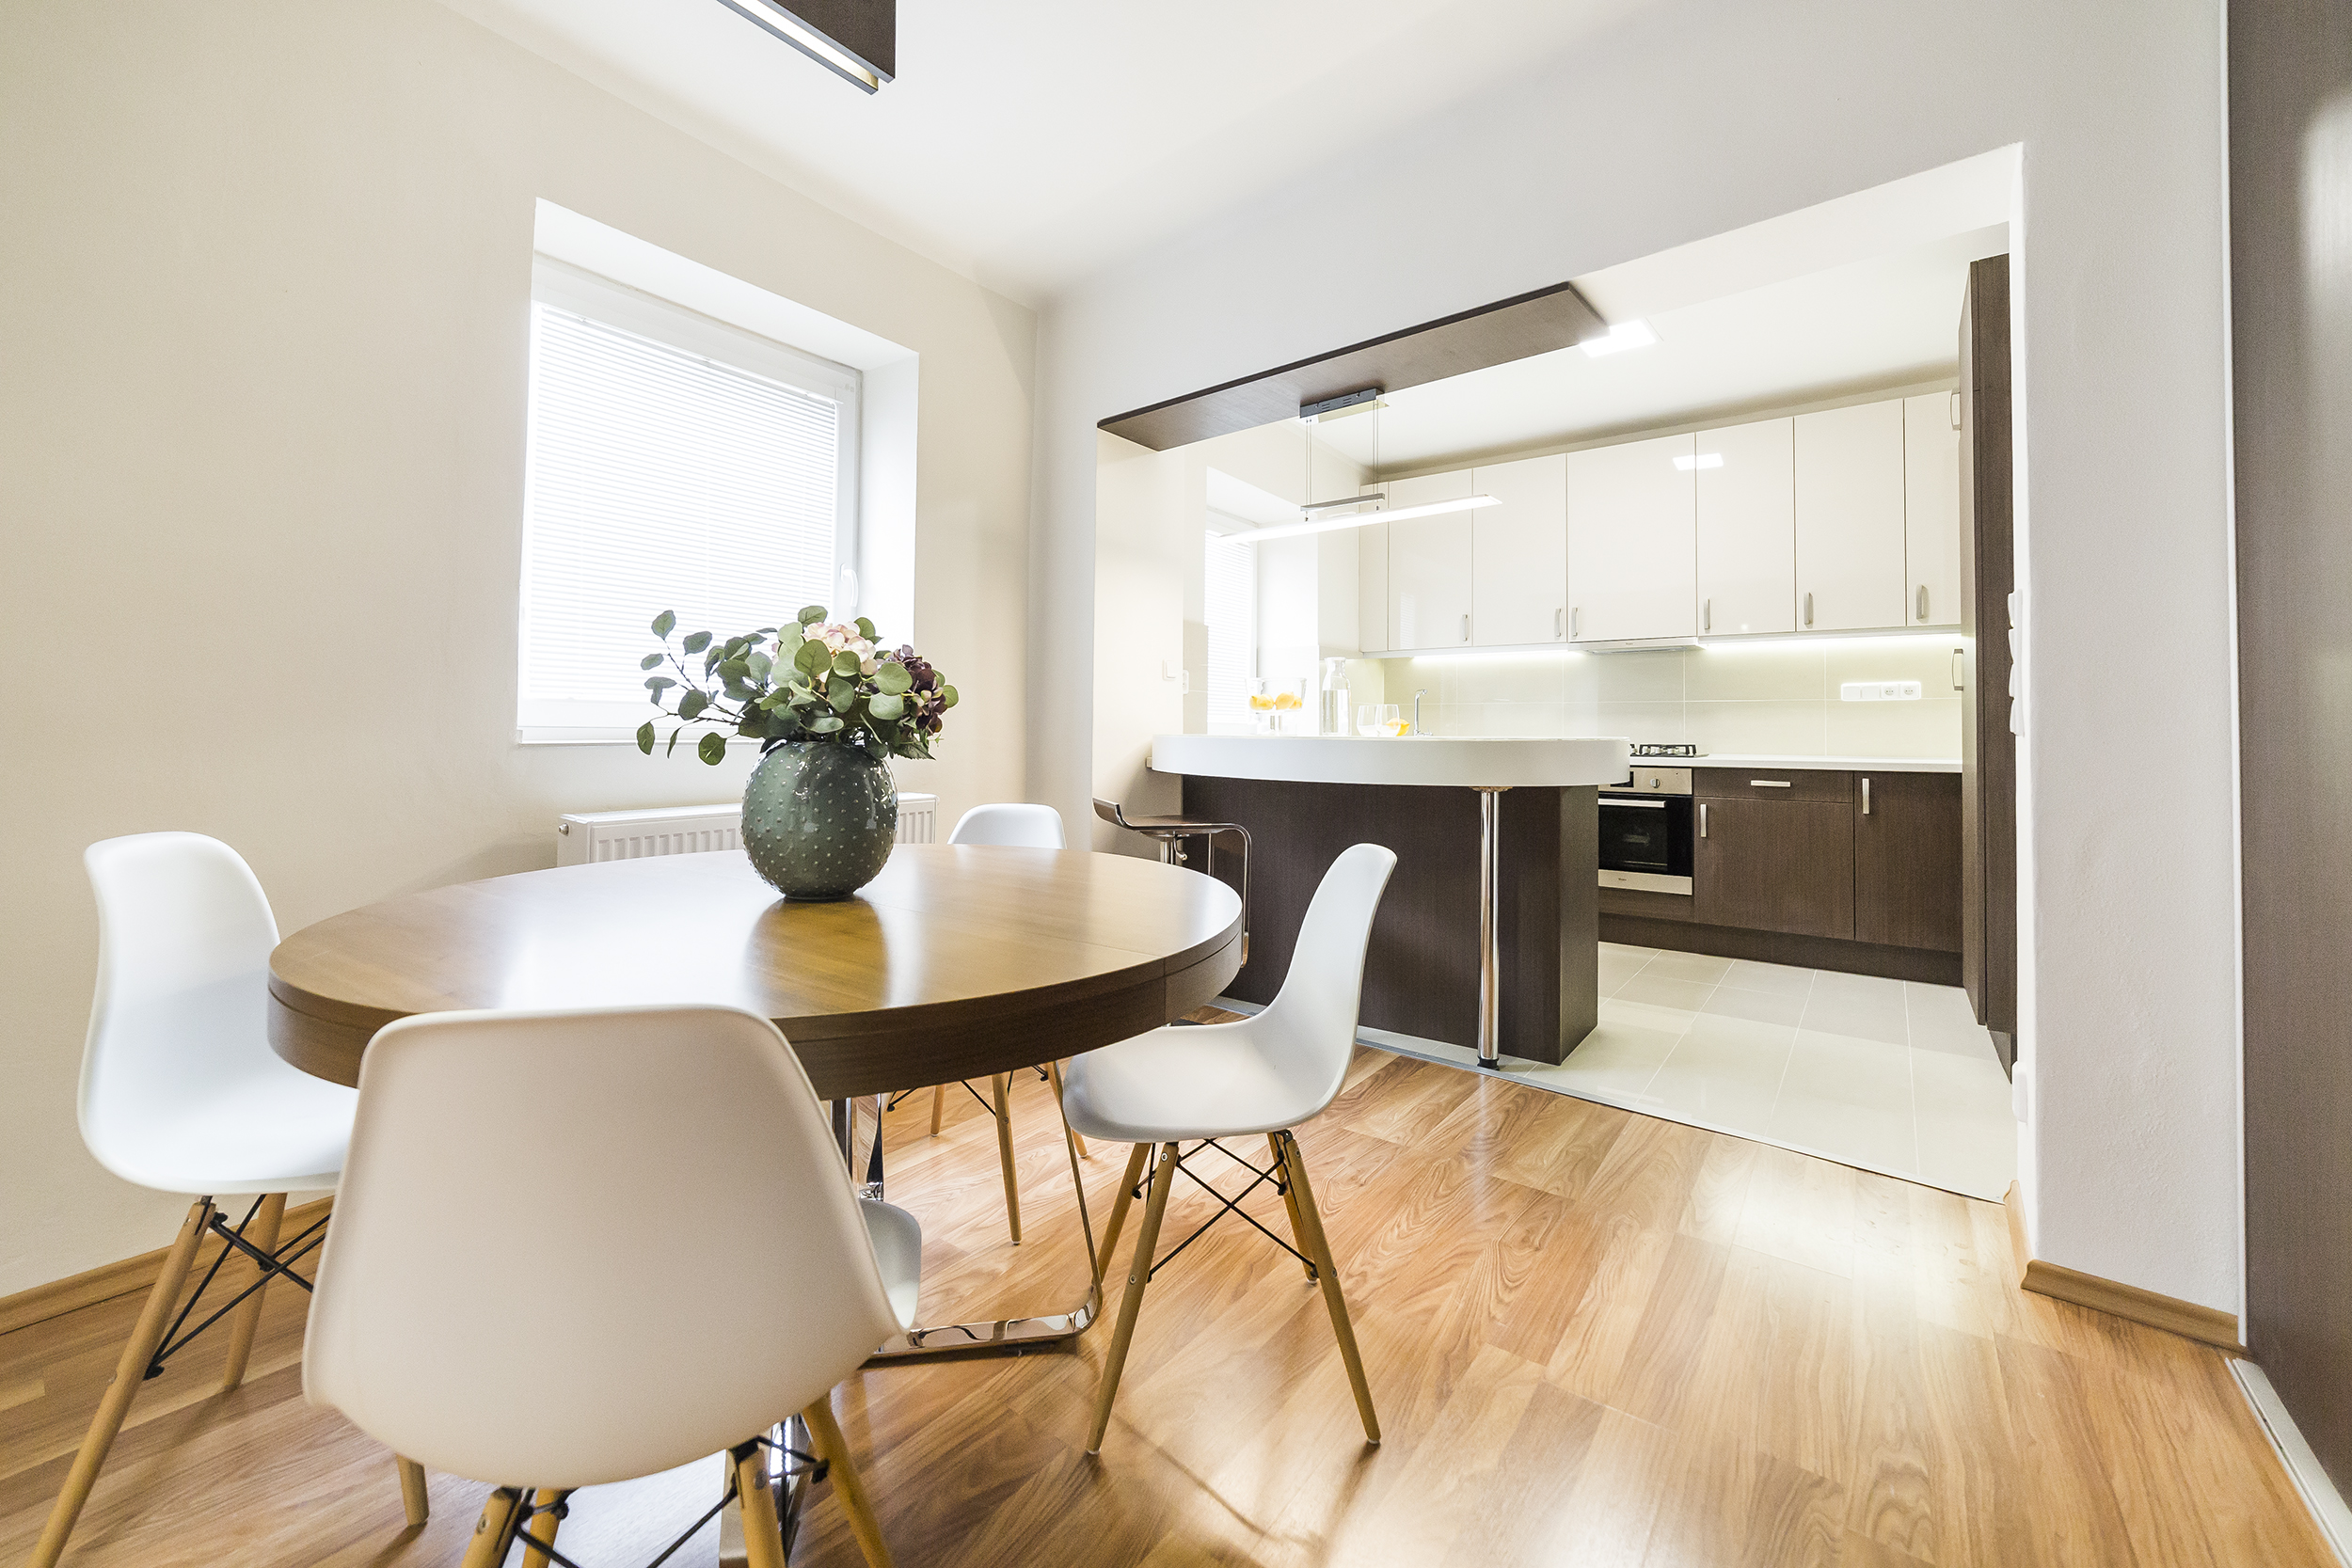 kuchyn stul zidle okno svetlo podlaha vestavna skrin prodej bytu opava linda bittova